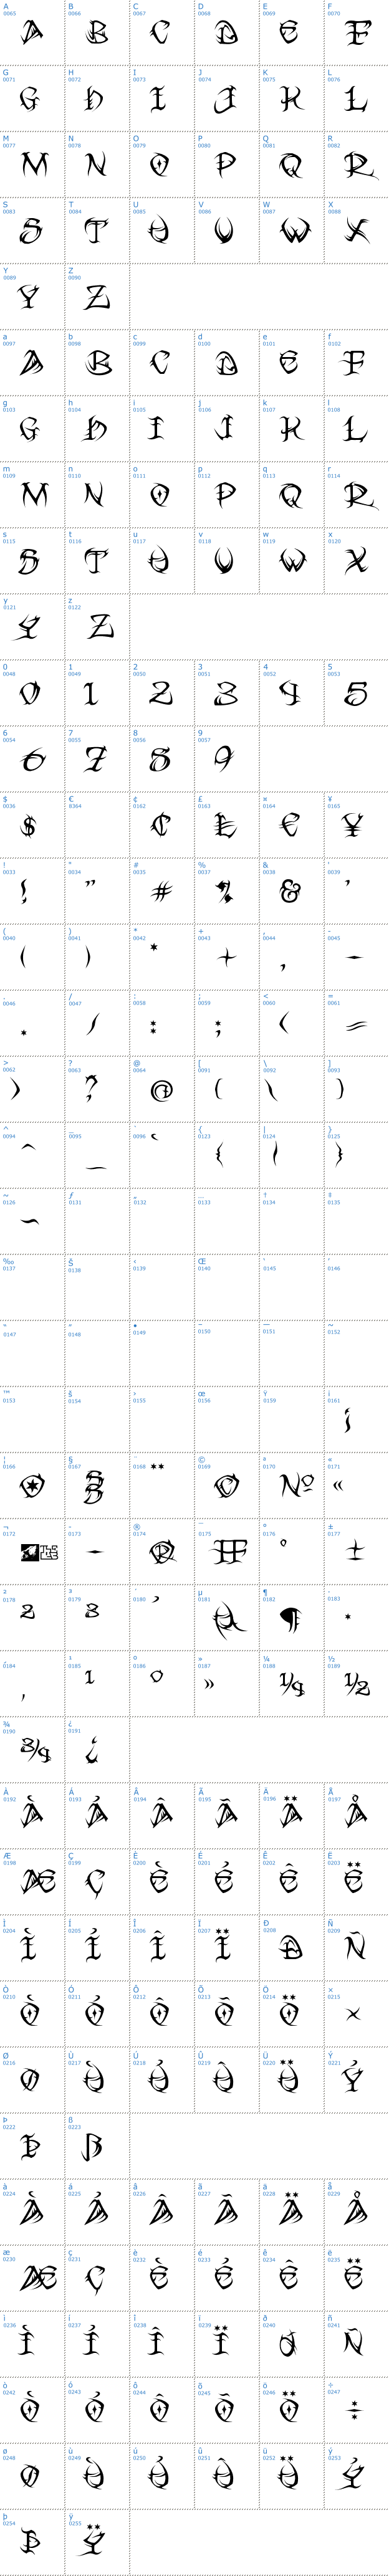 Font mit eurozeichen varianten 2 font styles vollständige character